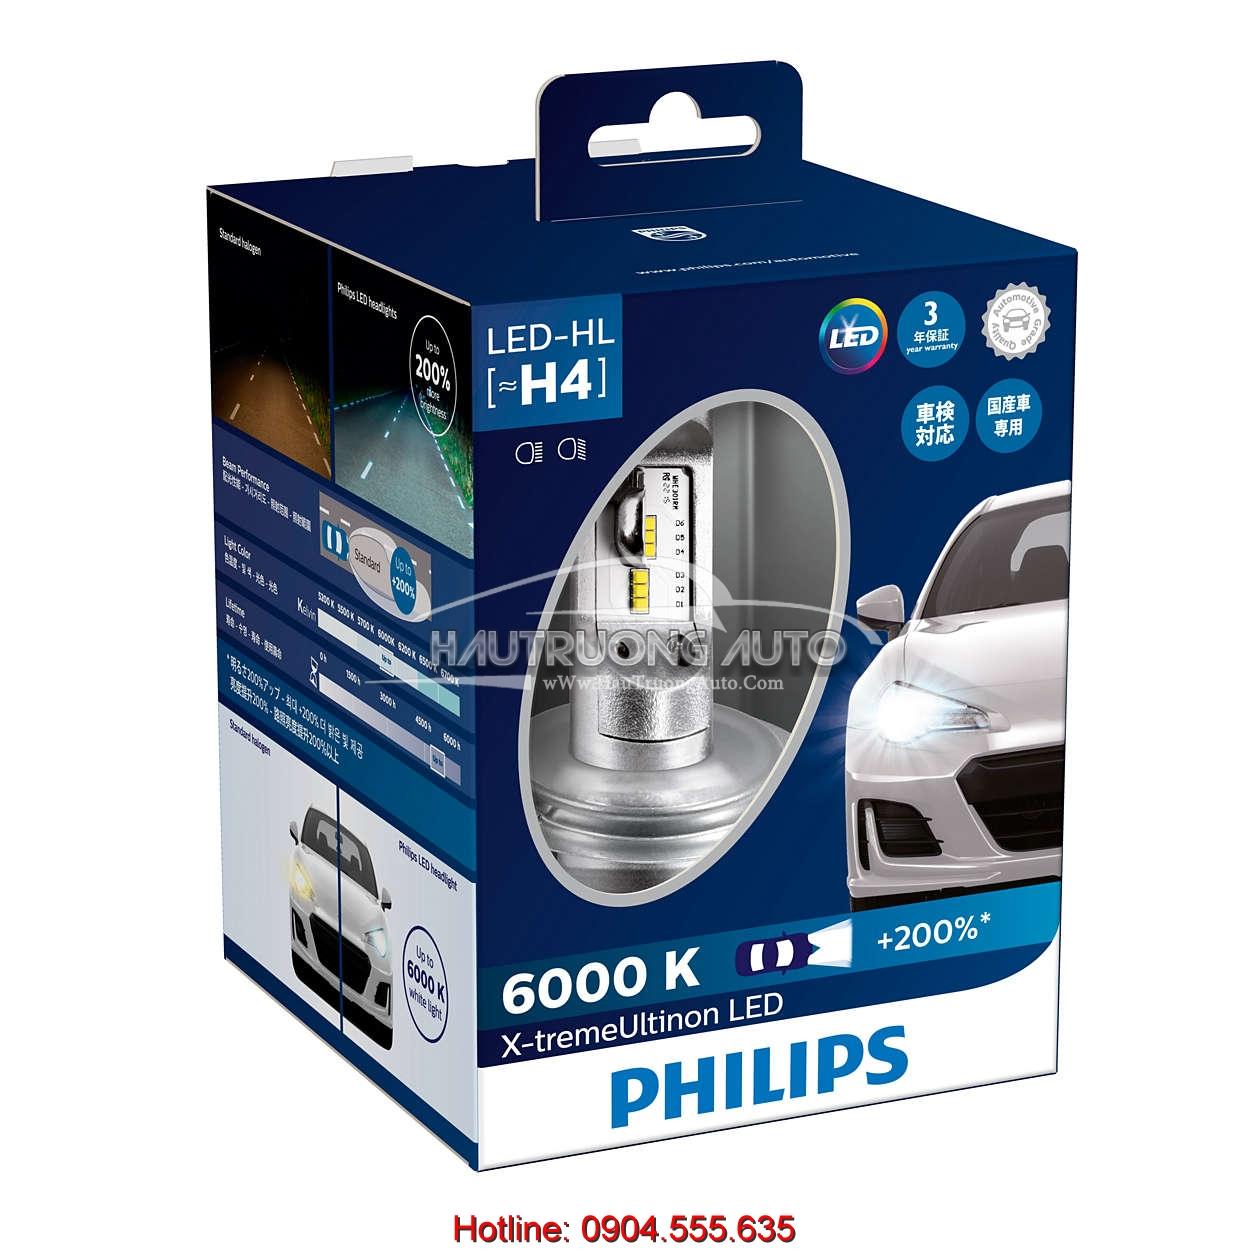 Bộ bóng đèn LED Philips X-treme Ultinon H4